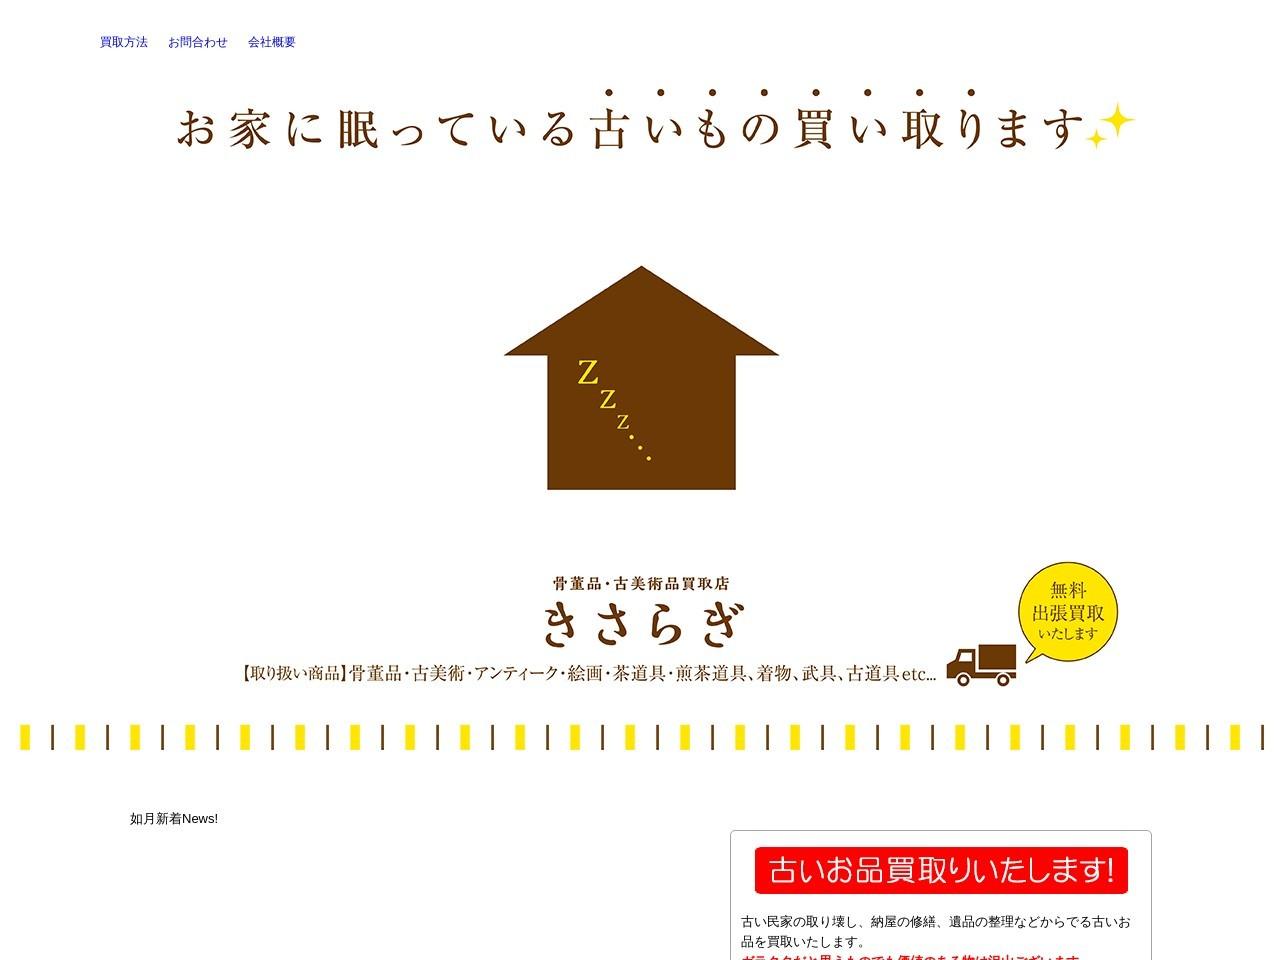 香川県高松市にある無料出張骨董買取のお店古美術如月です。岡山県/愛媛県も承ります。